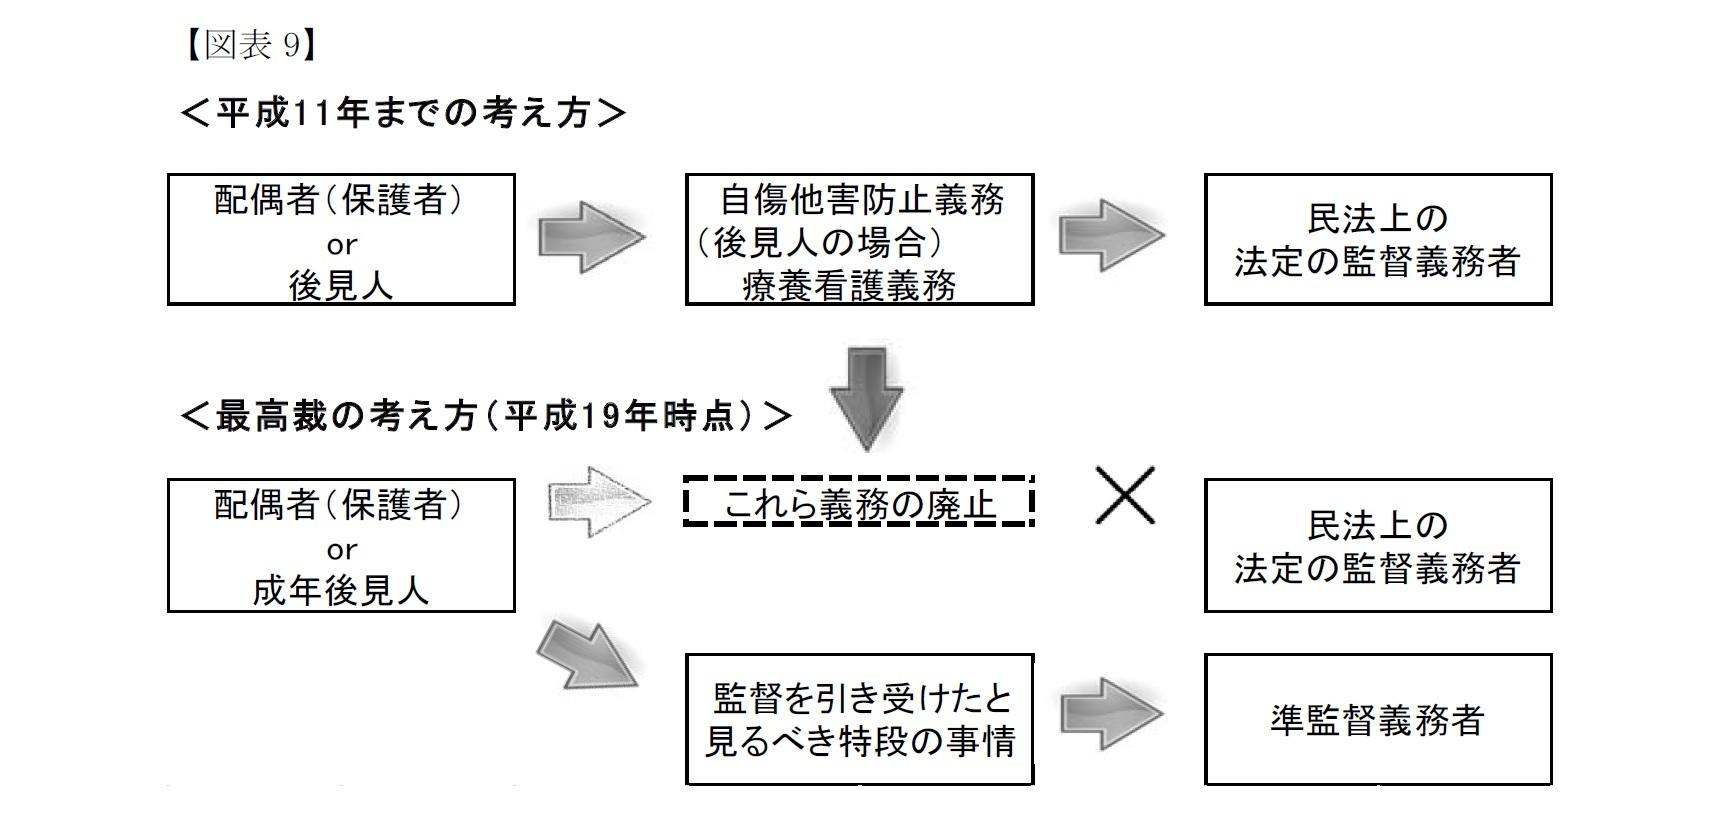 【図表9】最高裁の考え方